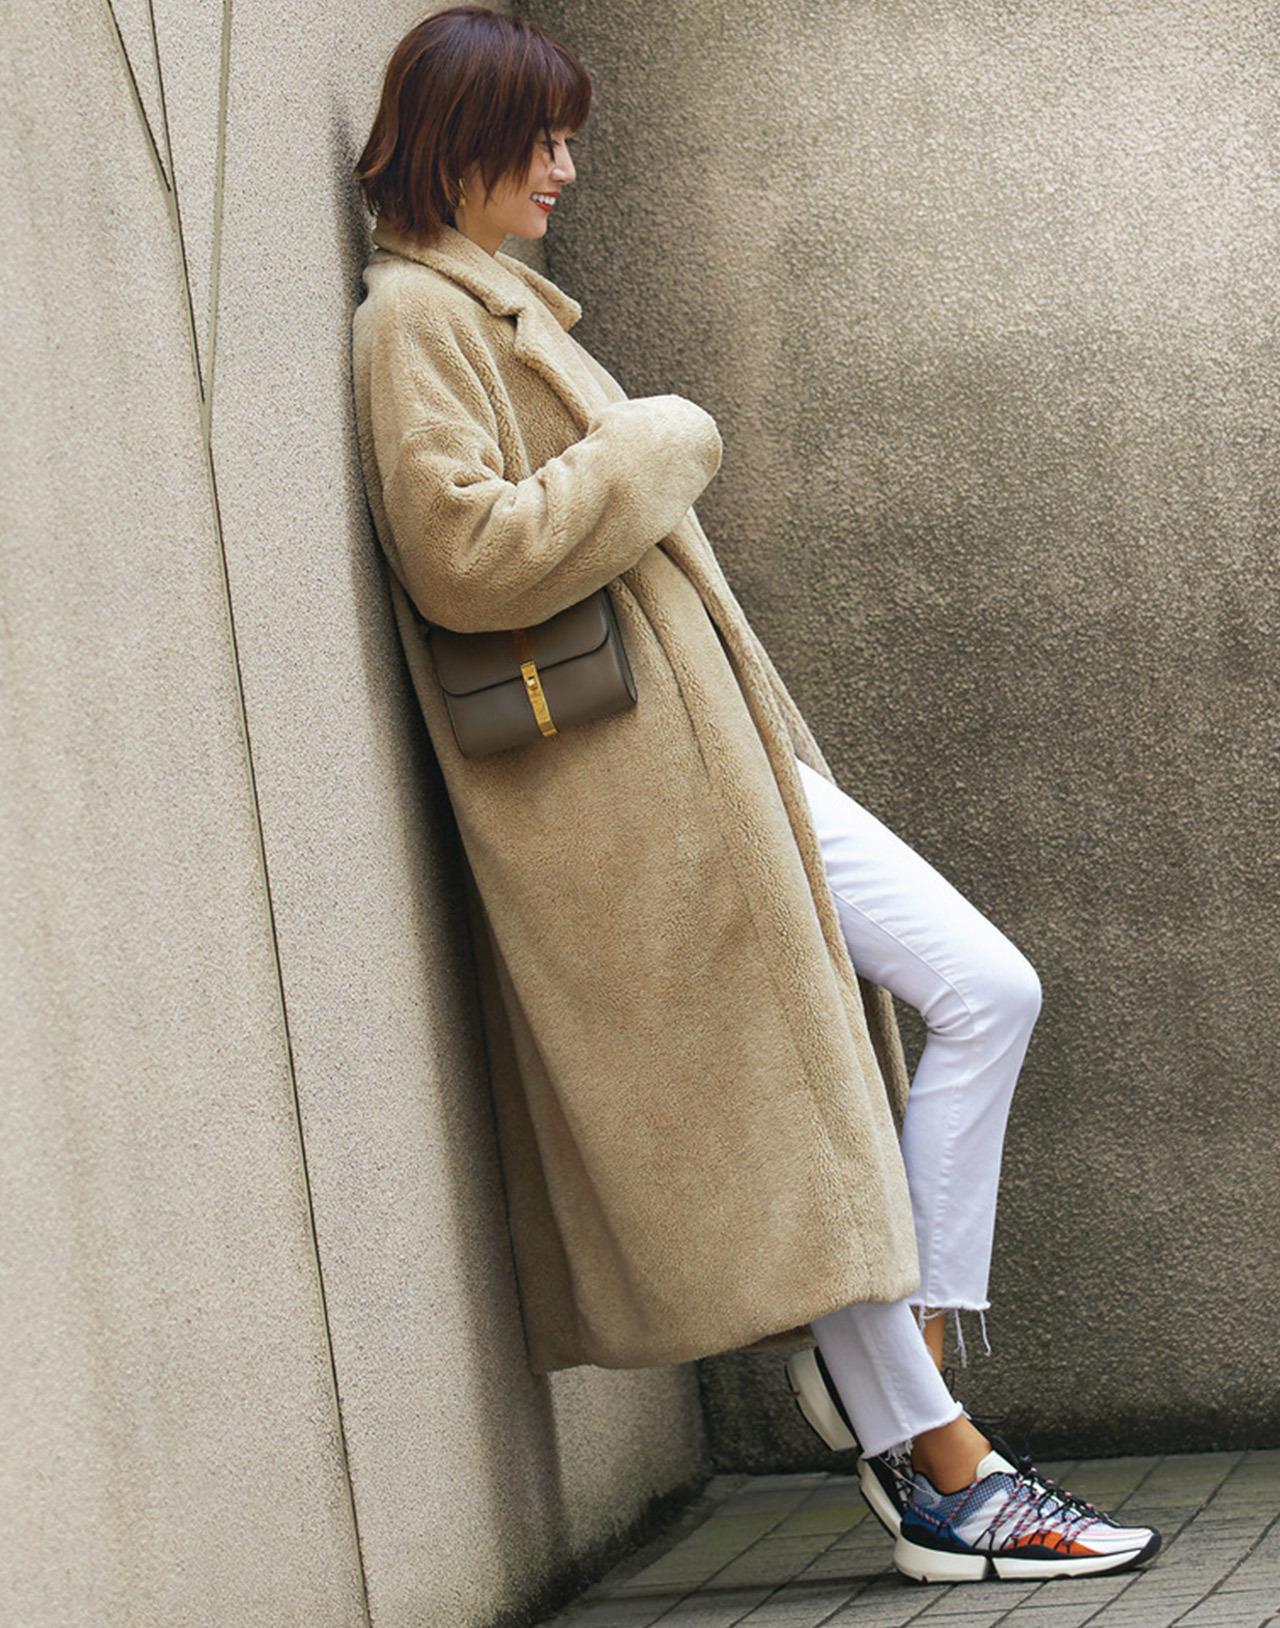 Style 3. ベージュボアコート×カラー入り白スニーカー